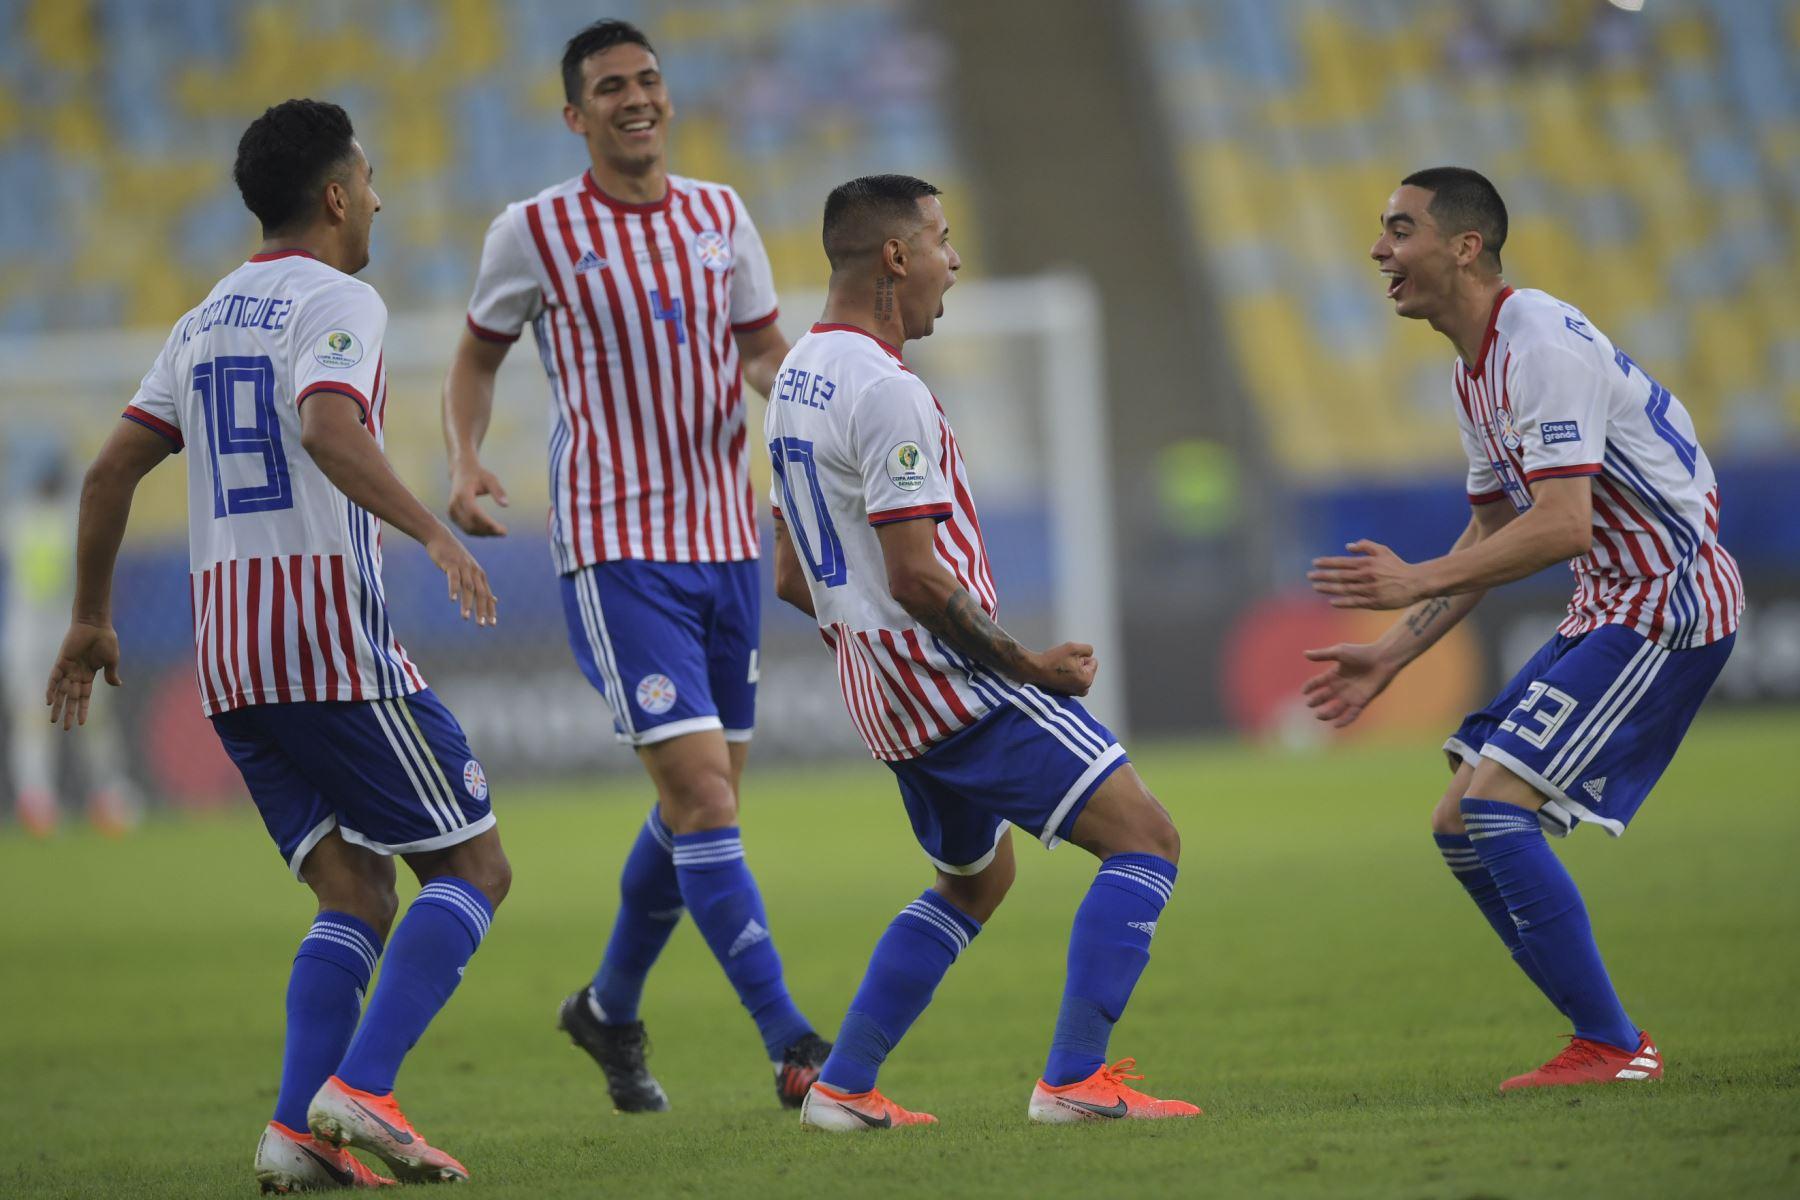 El paraguayo Derlis González (2-R) celebra con sus compañeros de equipo después de anotar contra Qatar durante su partido de torneo de fútbol de la Copa América en el estadio Maracana en Río de Janeiro, Brasil .Foto: AFP